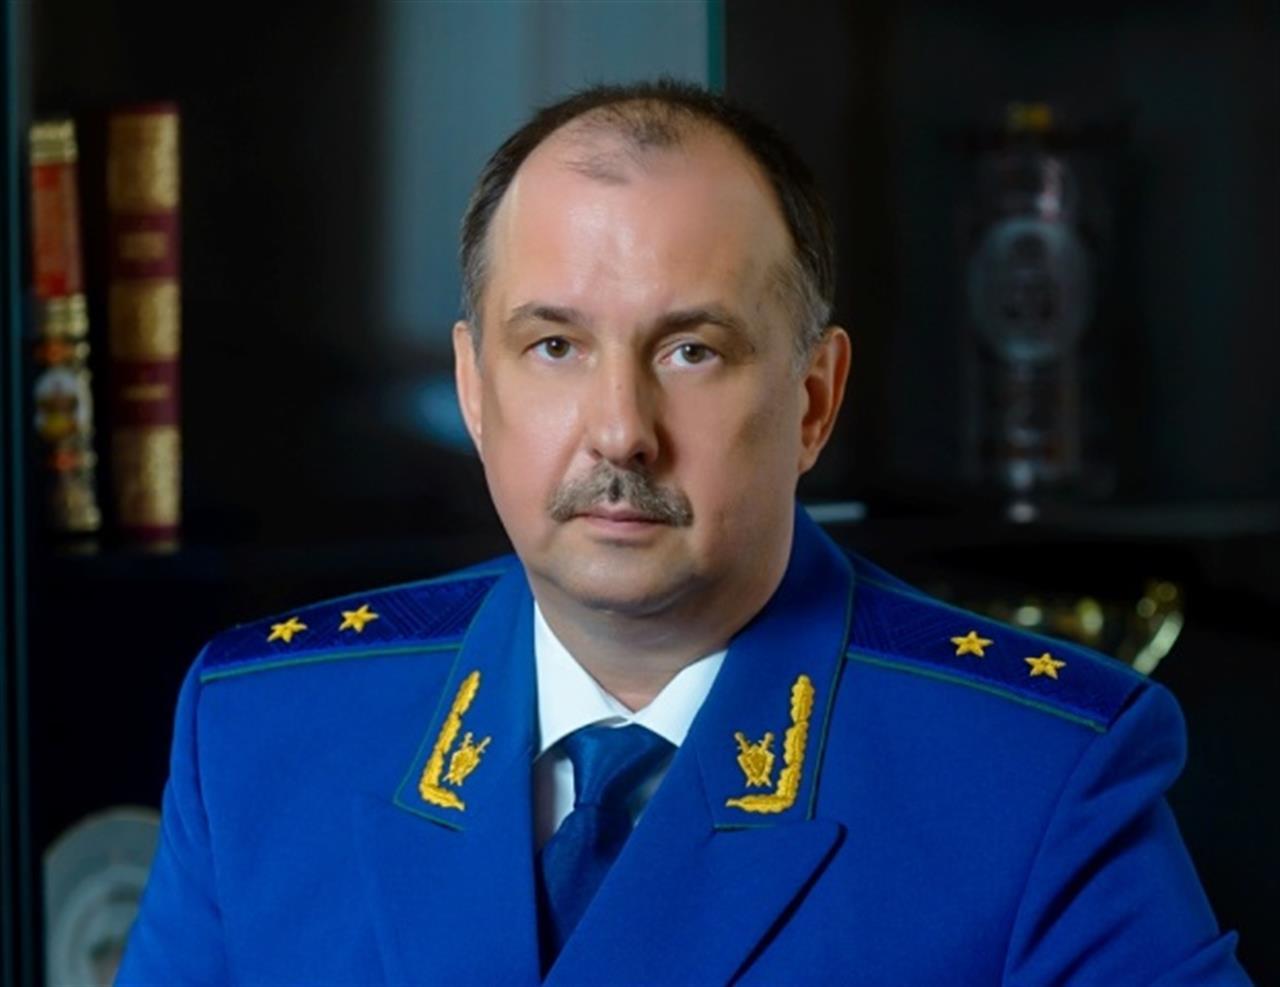 Появился новый кандидат на должность прокурора Самарской области